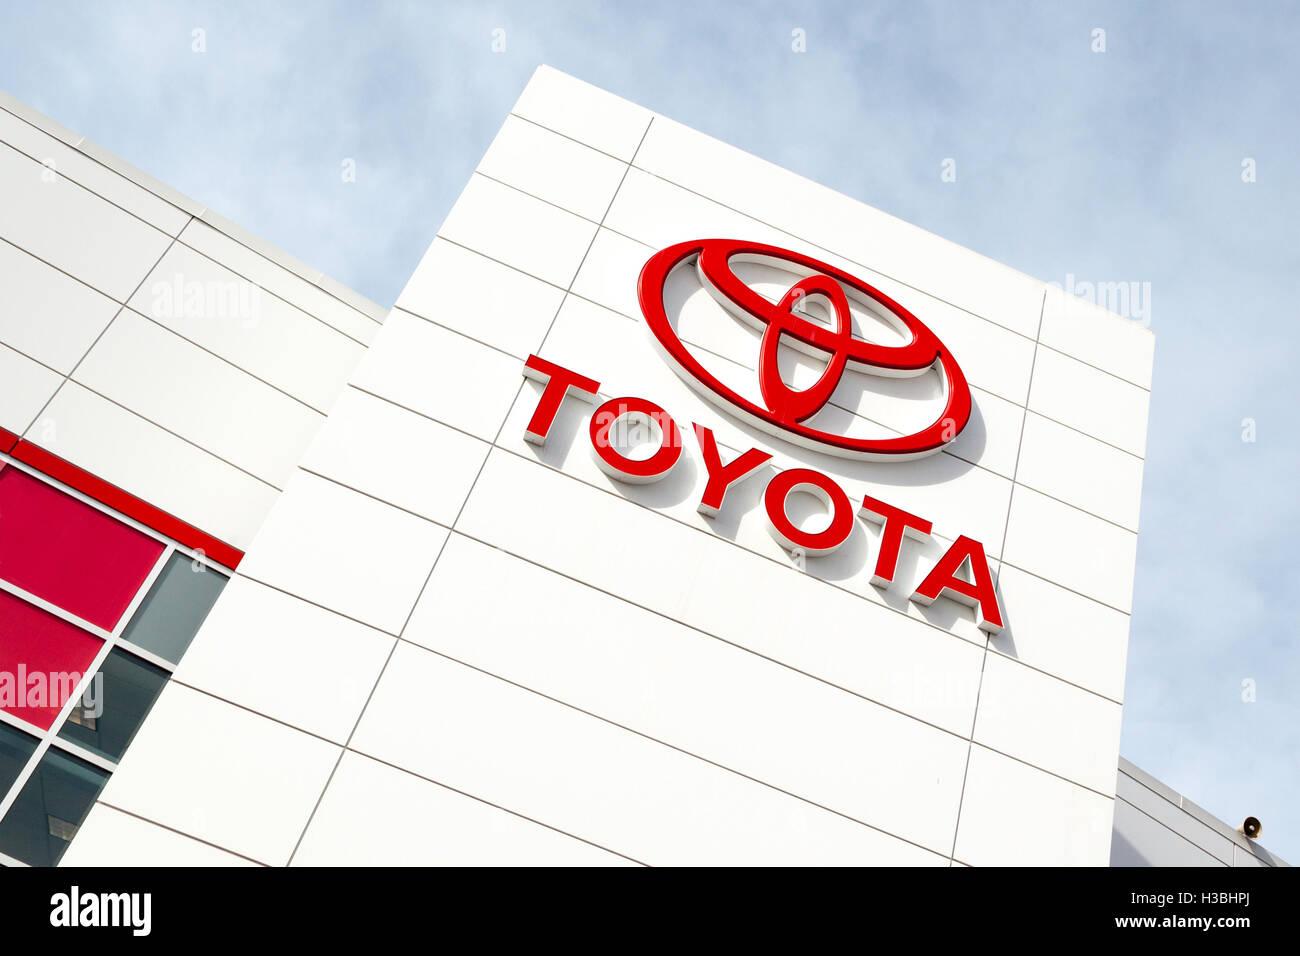 All toyota models toyota stock chart toyota stock toyota stock stock symbol for toyota motor corporation impremedia buycottarizona Gallery